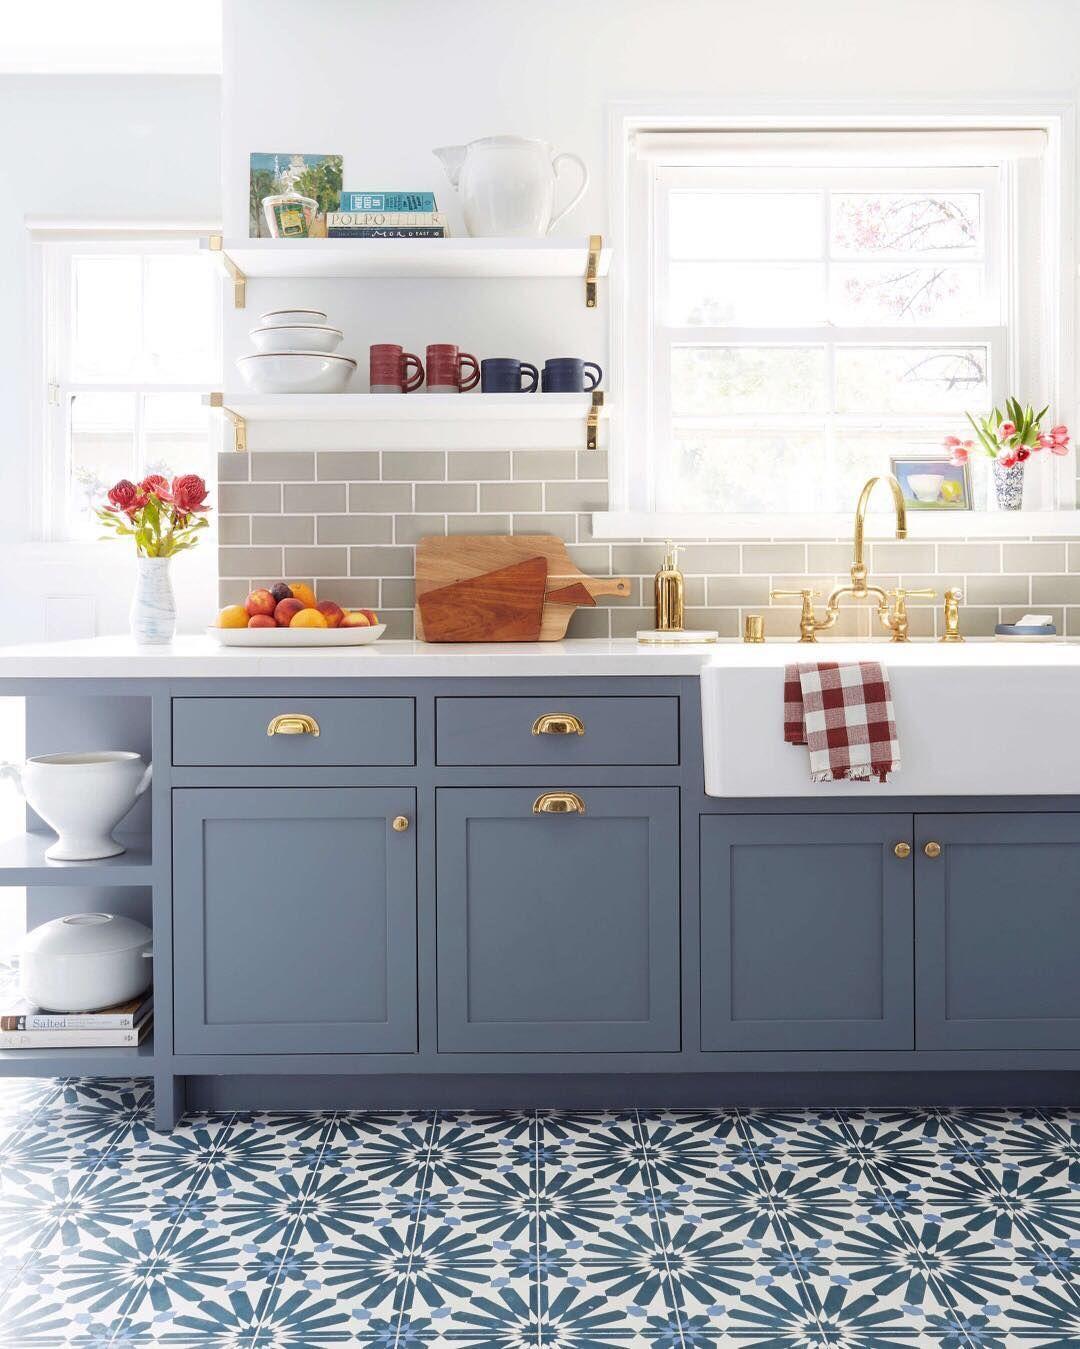 Rejuvenation Rejuvenation Instagram Photos And Videos Kitchen Design Kitchen Cabinets Decor Kitchen Flooring